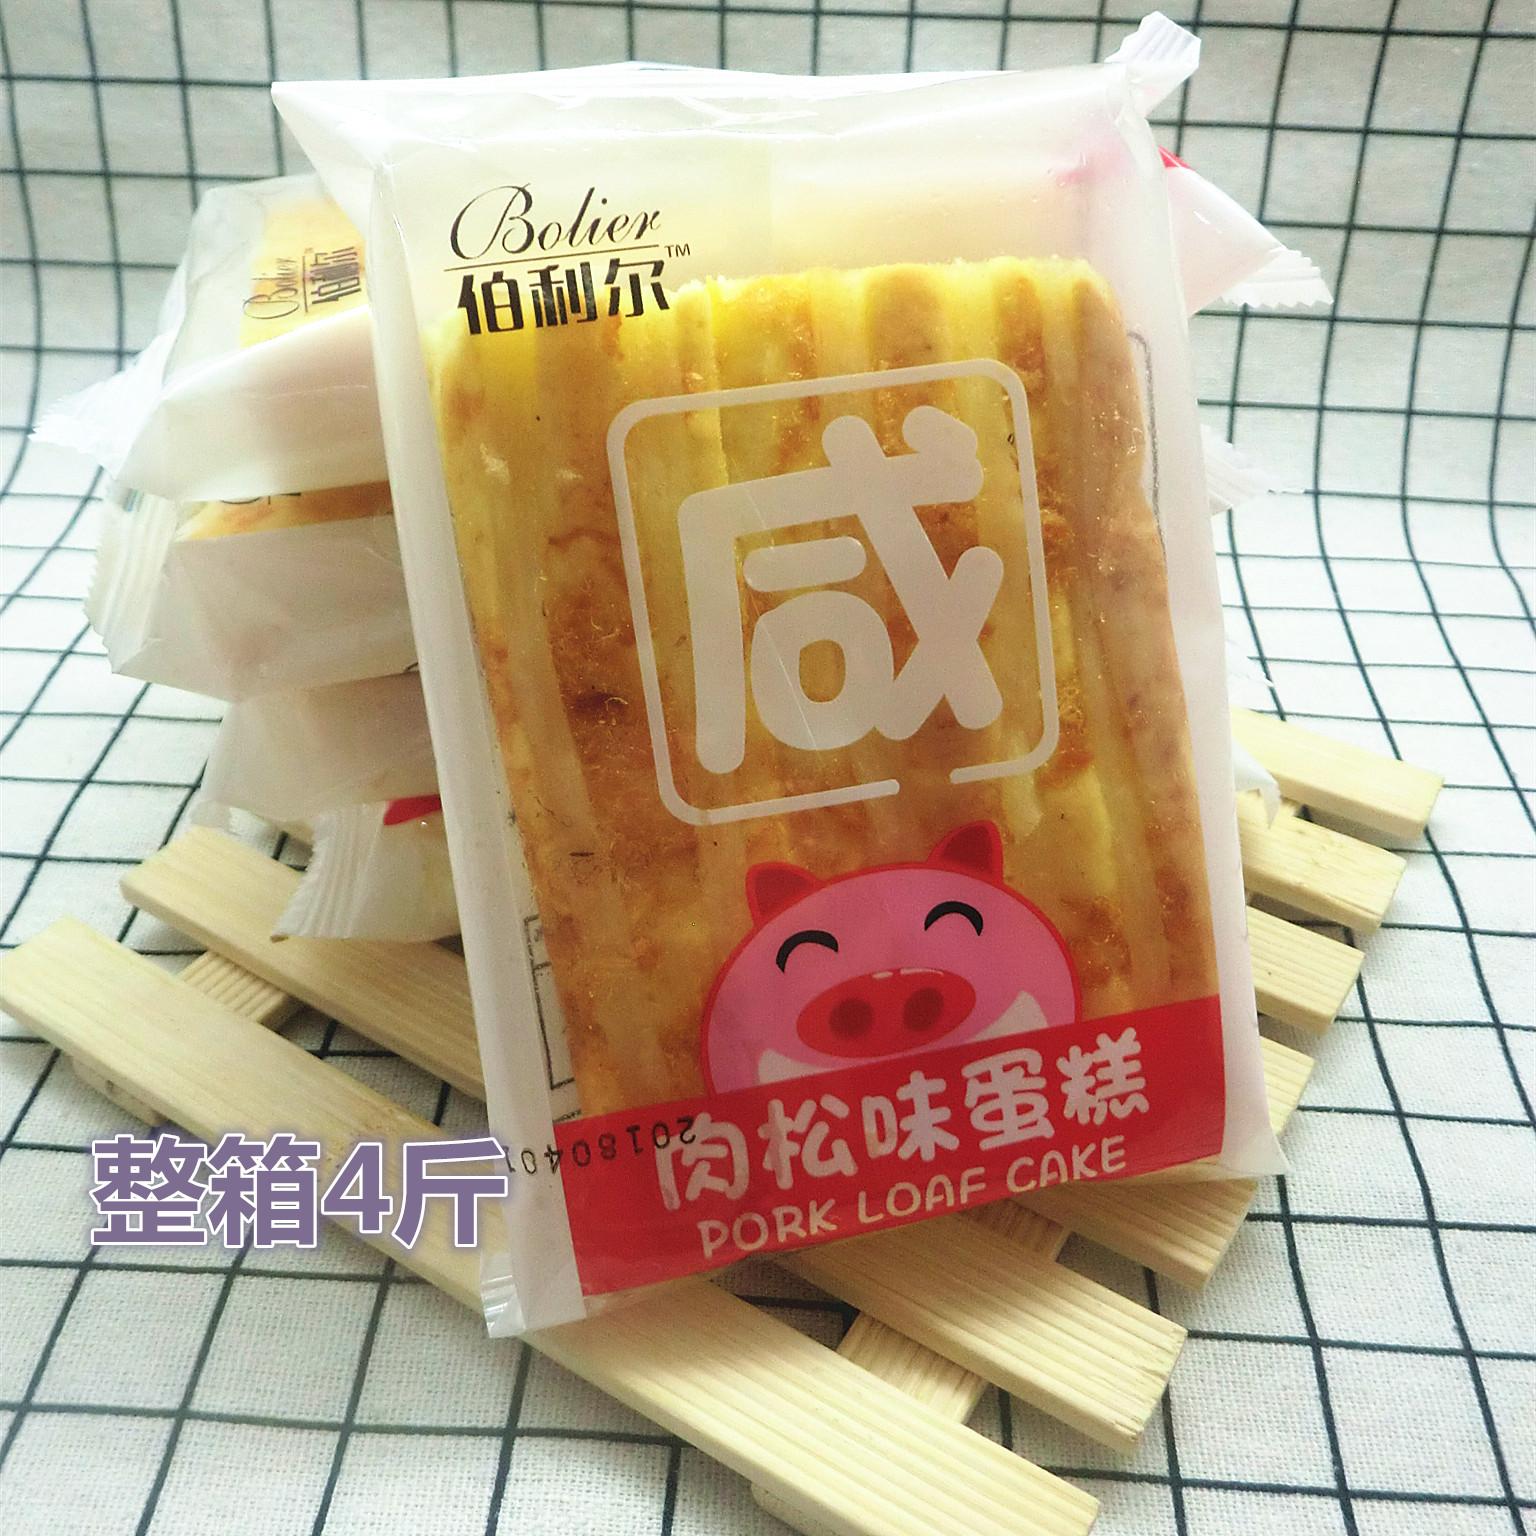 伯利尔肉松味奶香蛋糕休闲零食早餐沙拉酱咸面包整箱4斤多省包邮